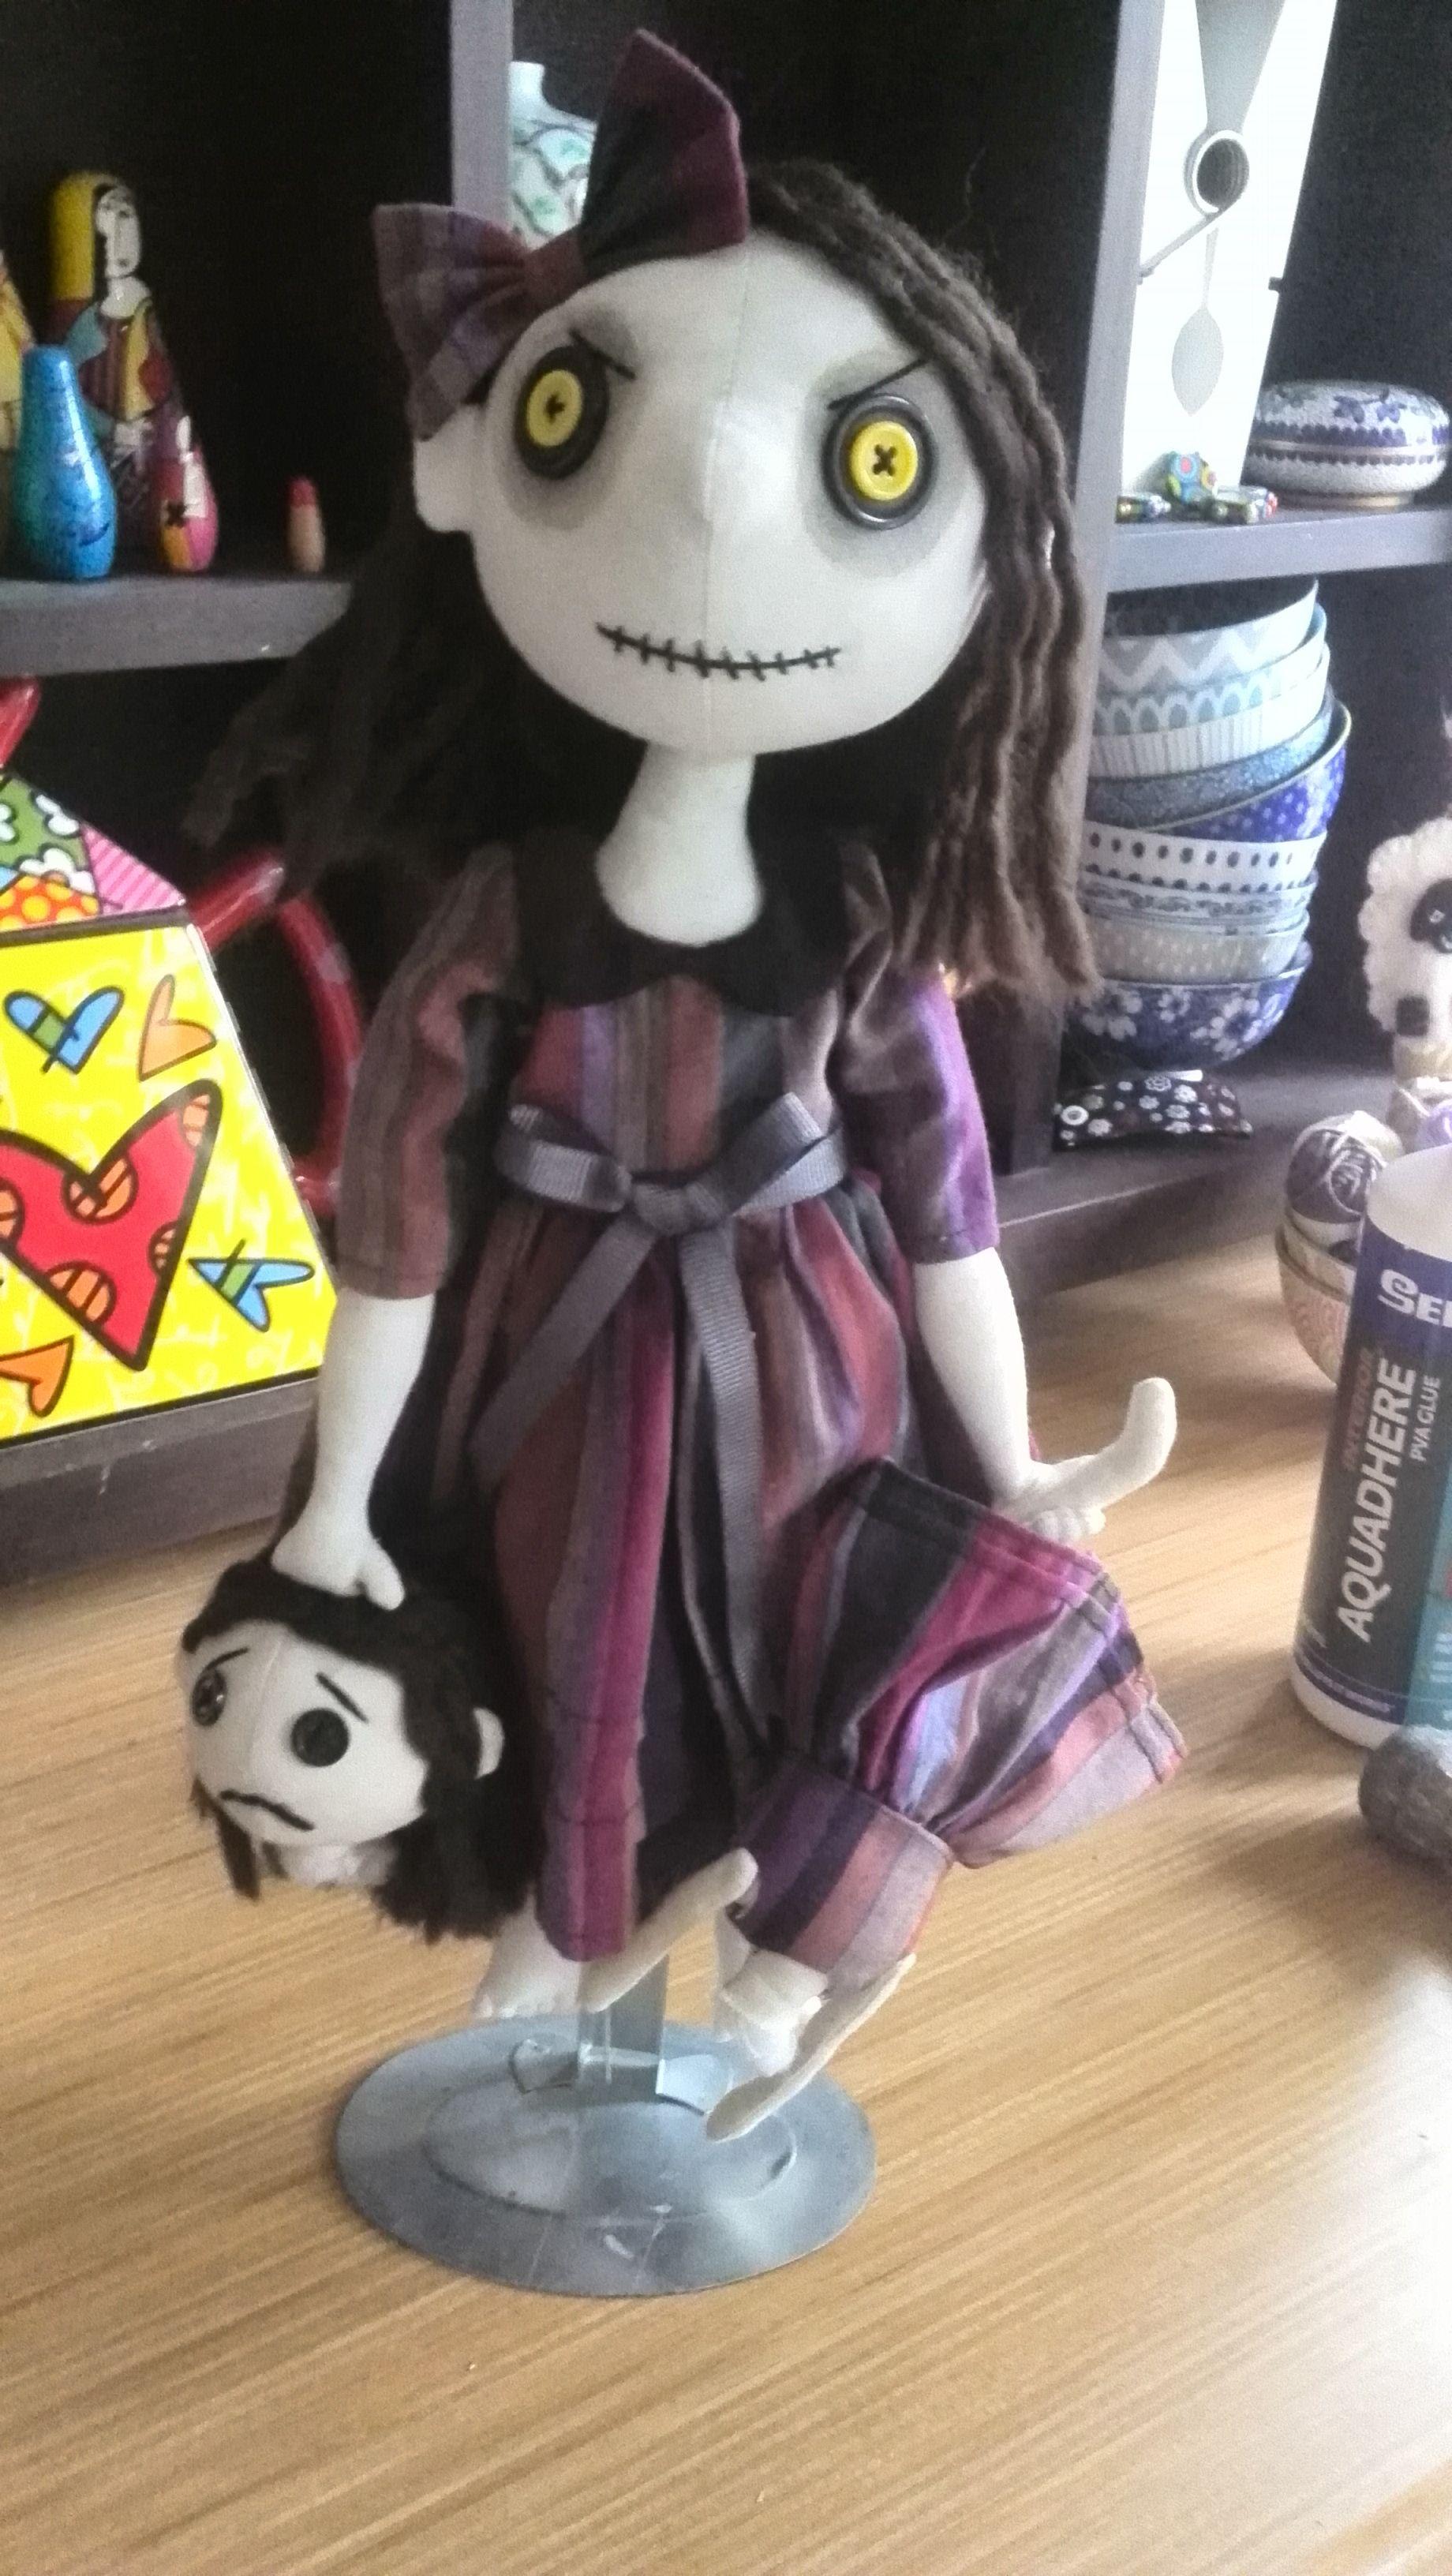 Evil doll anime evil art